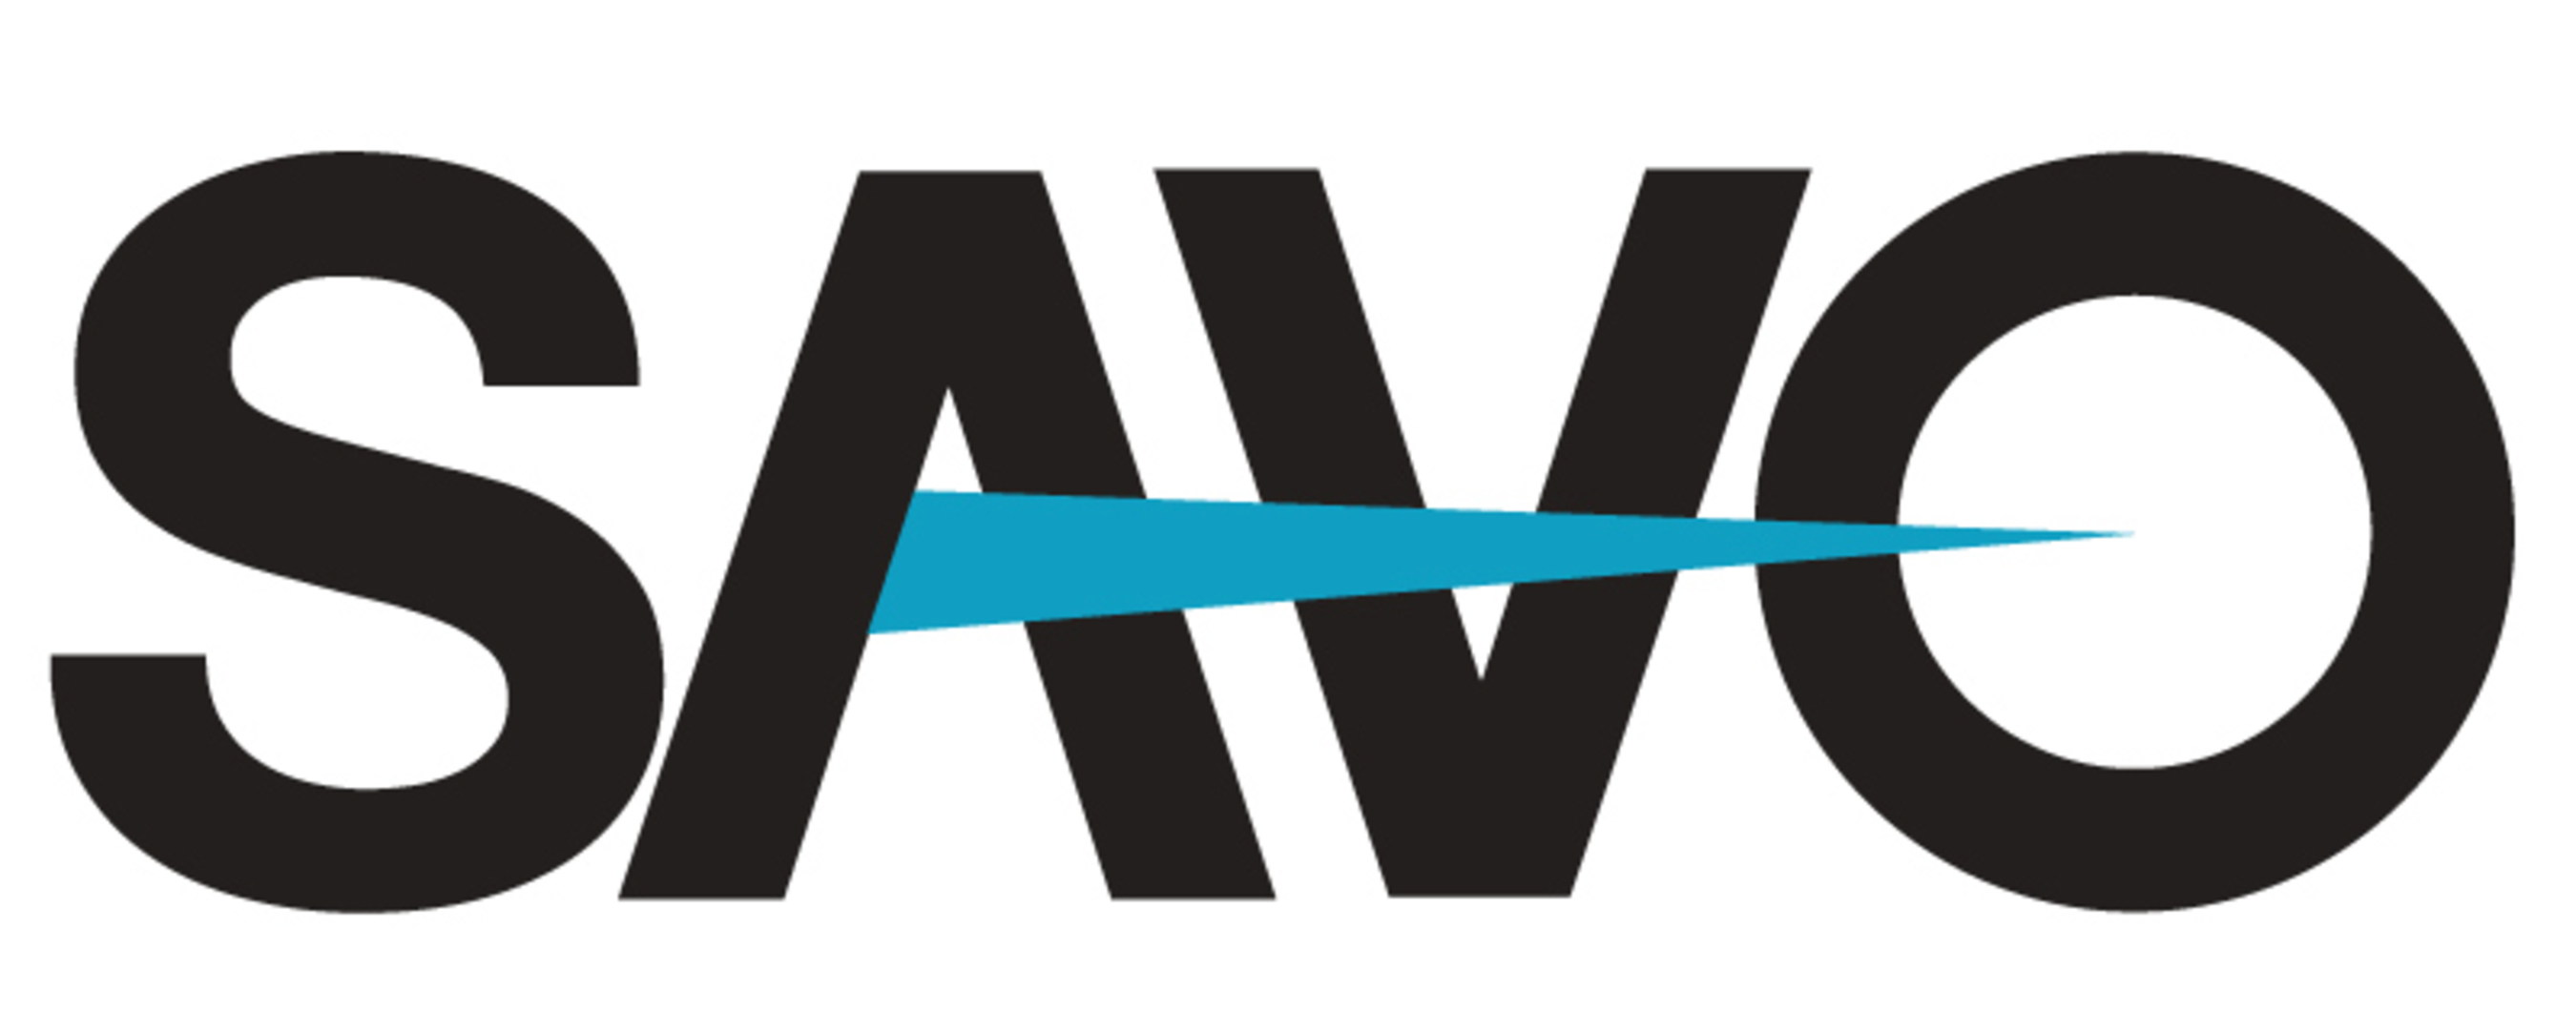 SAVO et CSO Insights communiquent les résultats d'une étude sur l'aide à la vente